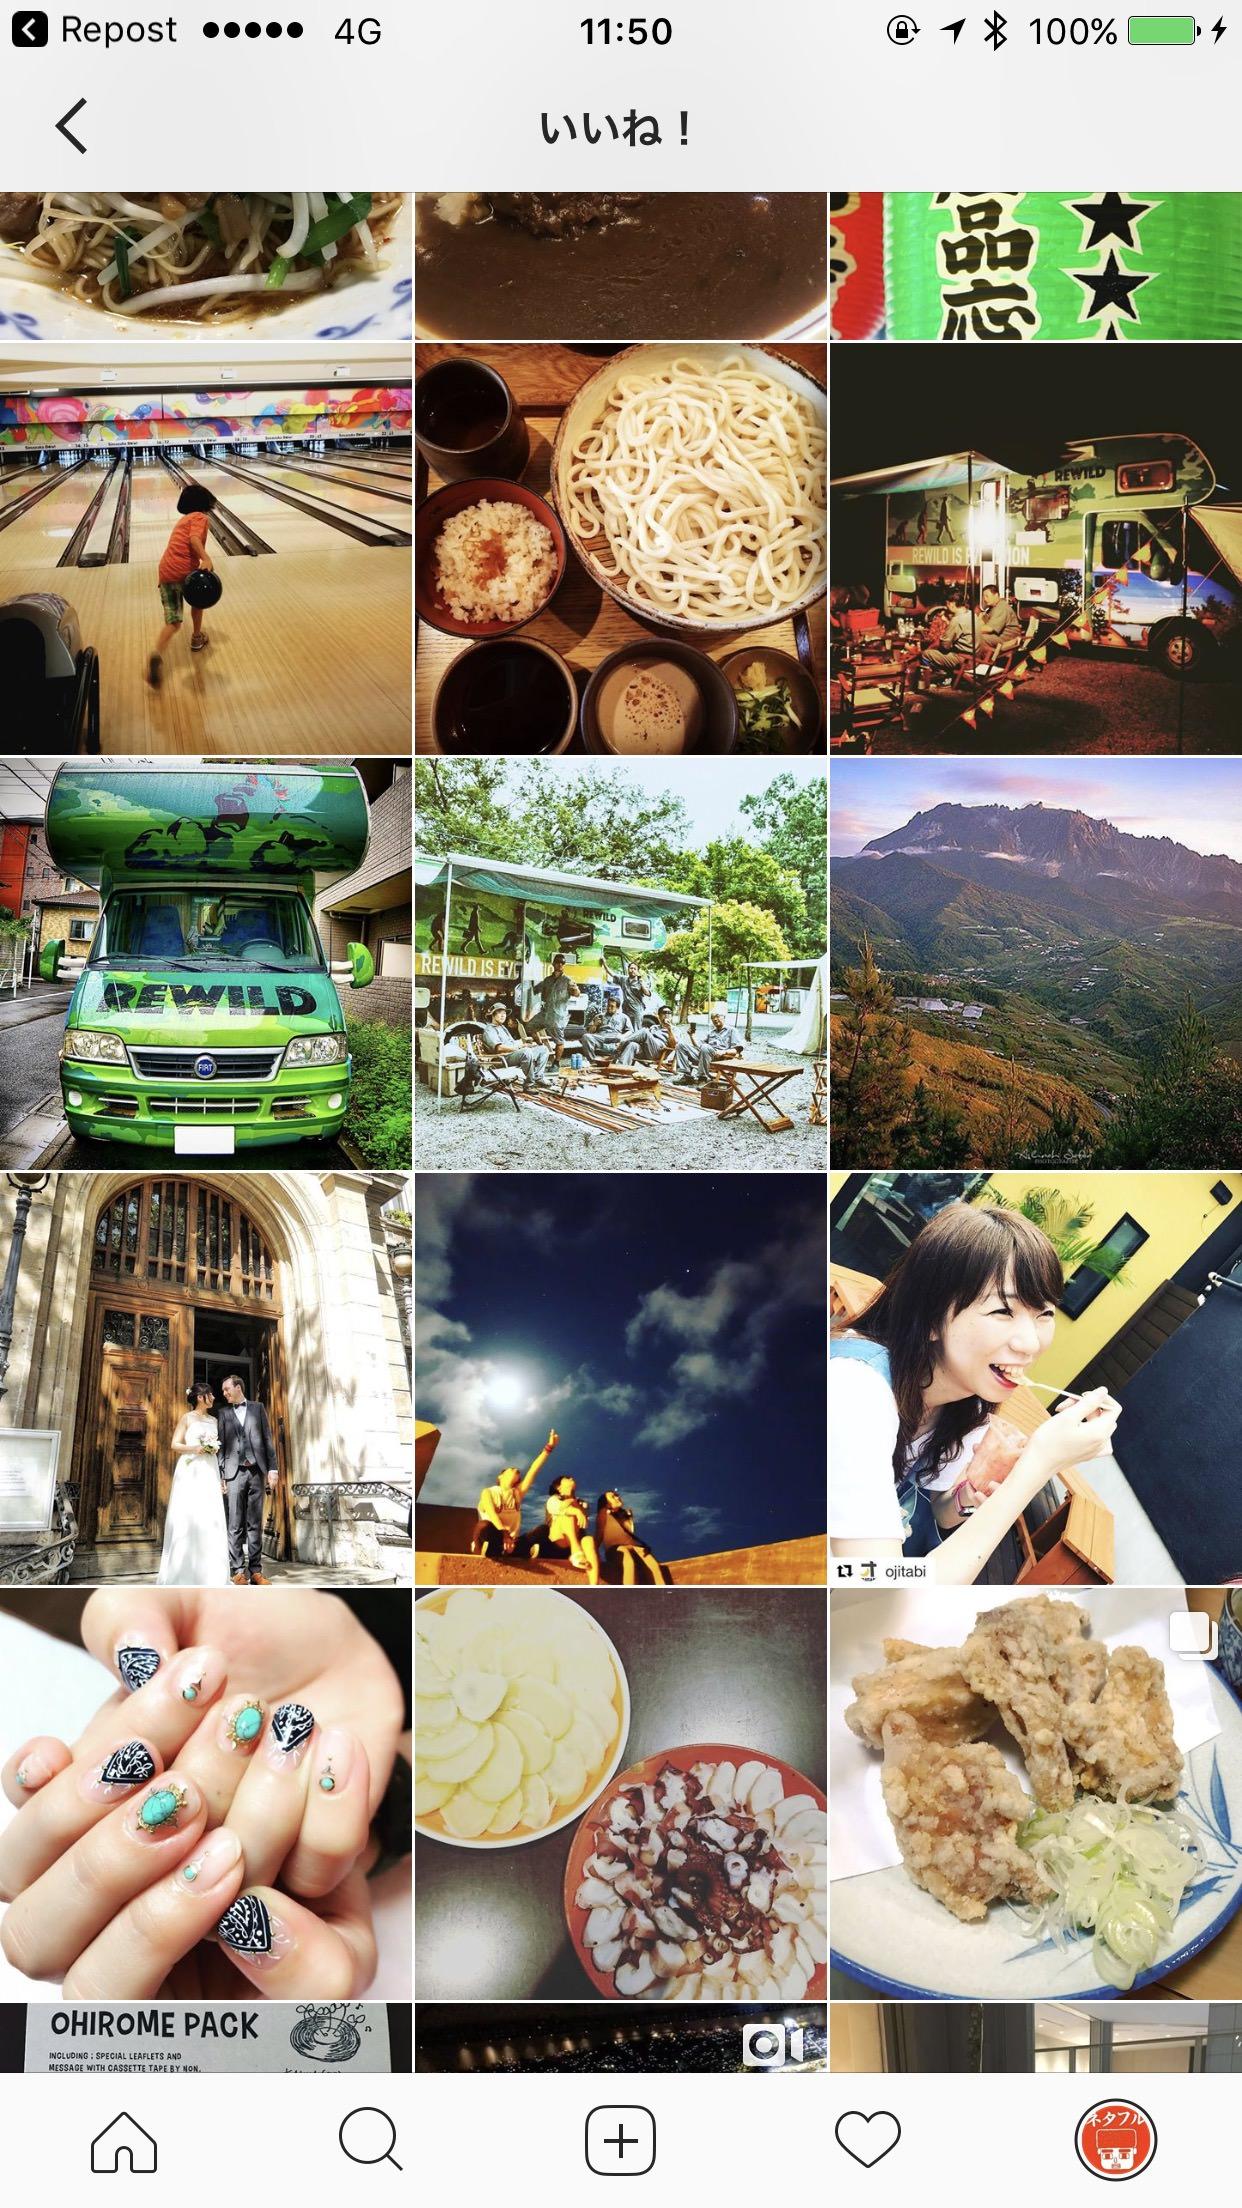 Instagram repost 7062